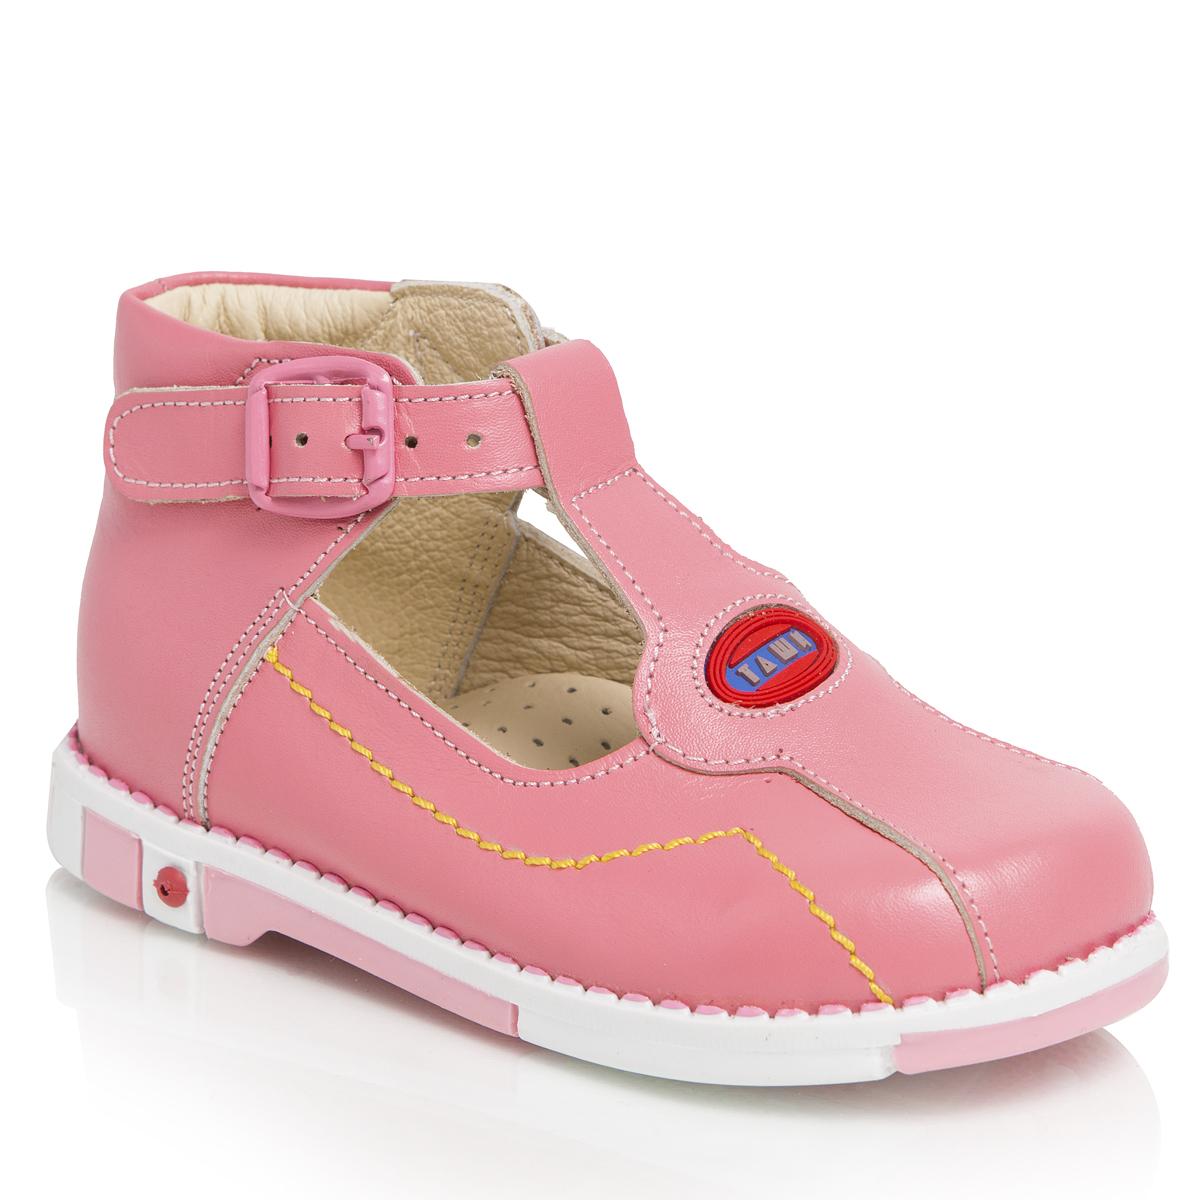 Туфли для девочек. 319-31319-31ТАШИ ОРТО - детская профилактическая ортопедическая обувь массового производства. Ее можно носить не только детям с признаками плоскостопия и косолапия , но и для профилактики подобных отклонений. А многим детям ортопедическая обувь НЕОБХОДИМА для коррекции стопы, исправления походки и осанки.